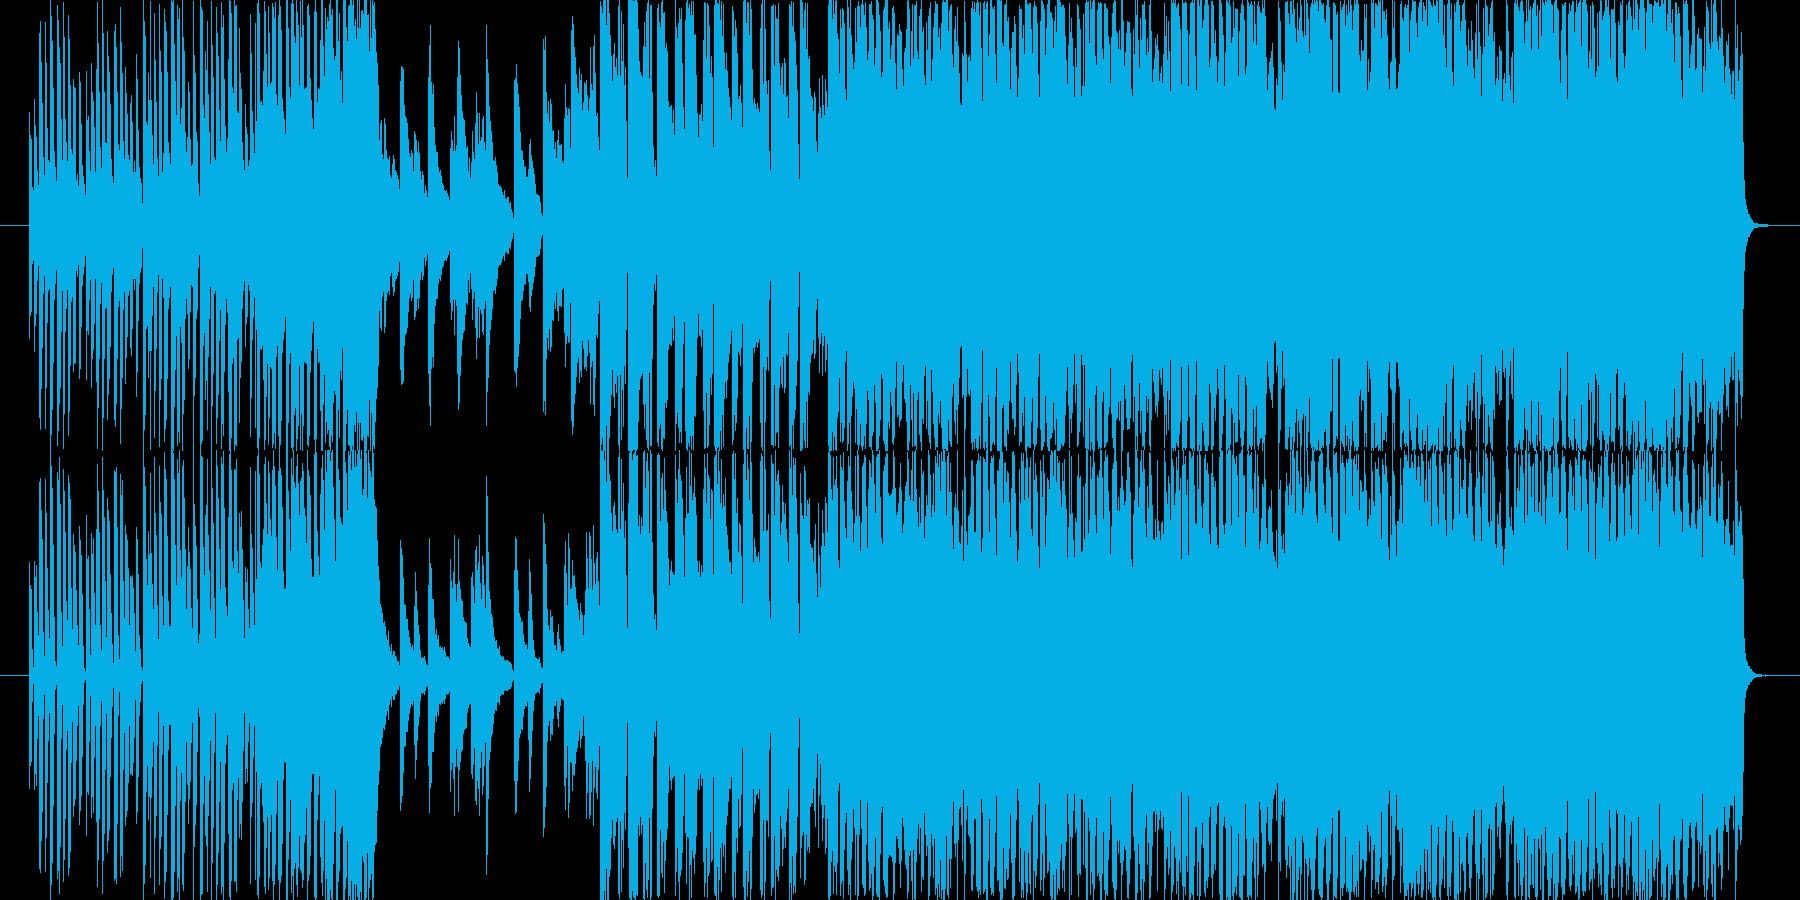 戦闘BGMやテーマソングなど、色々な場…の再生済みの波形